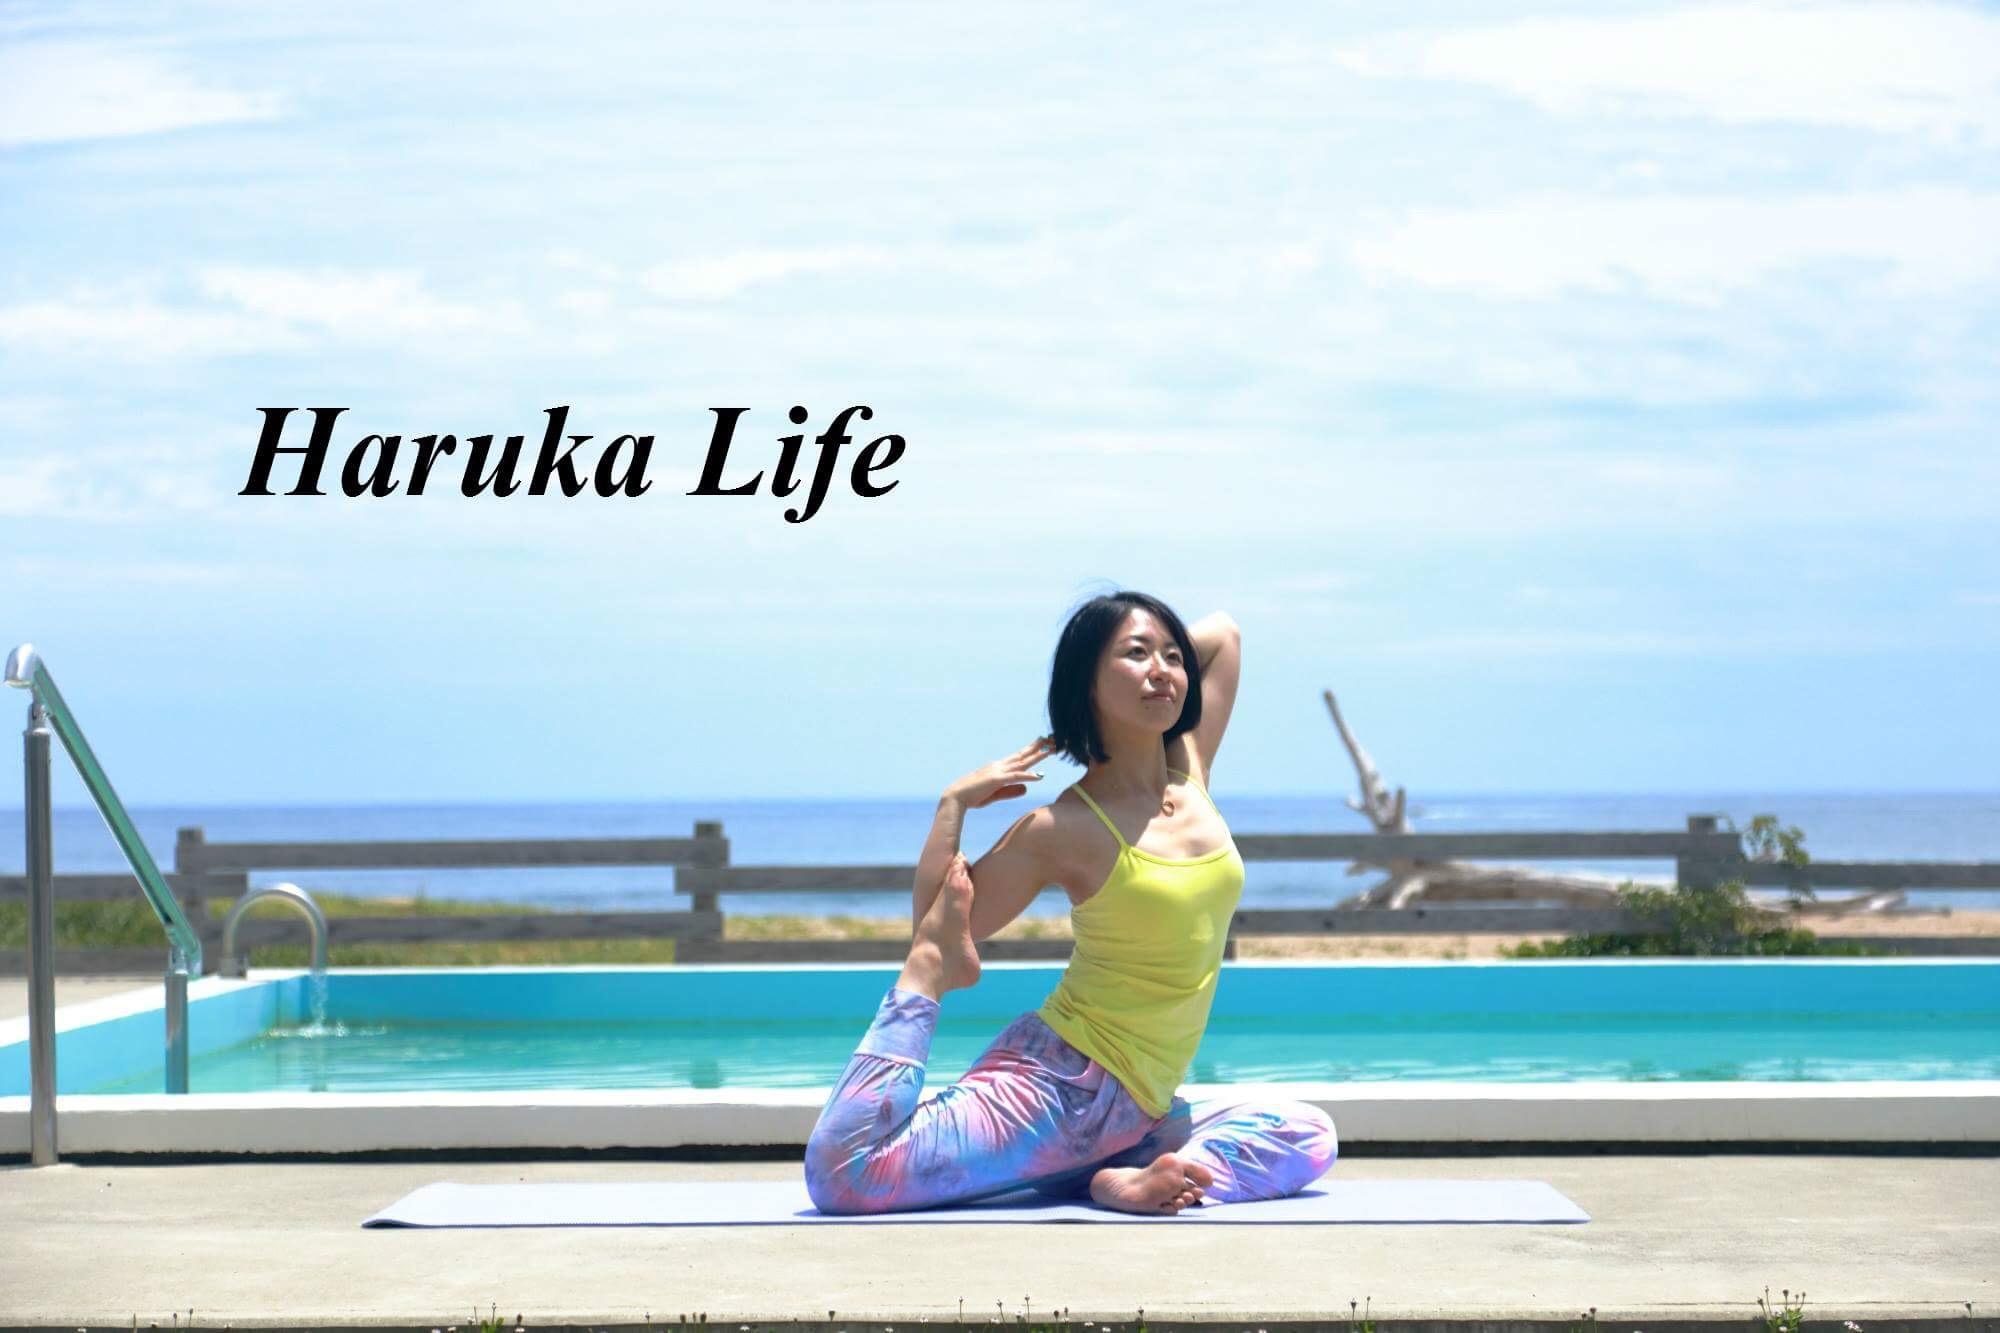 Haruka Life